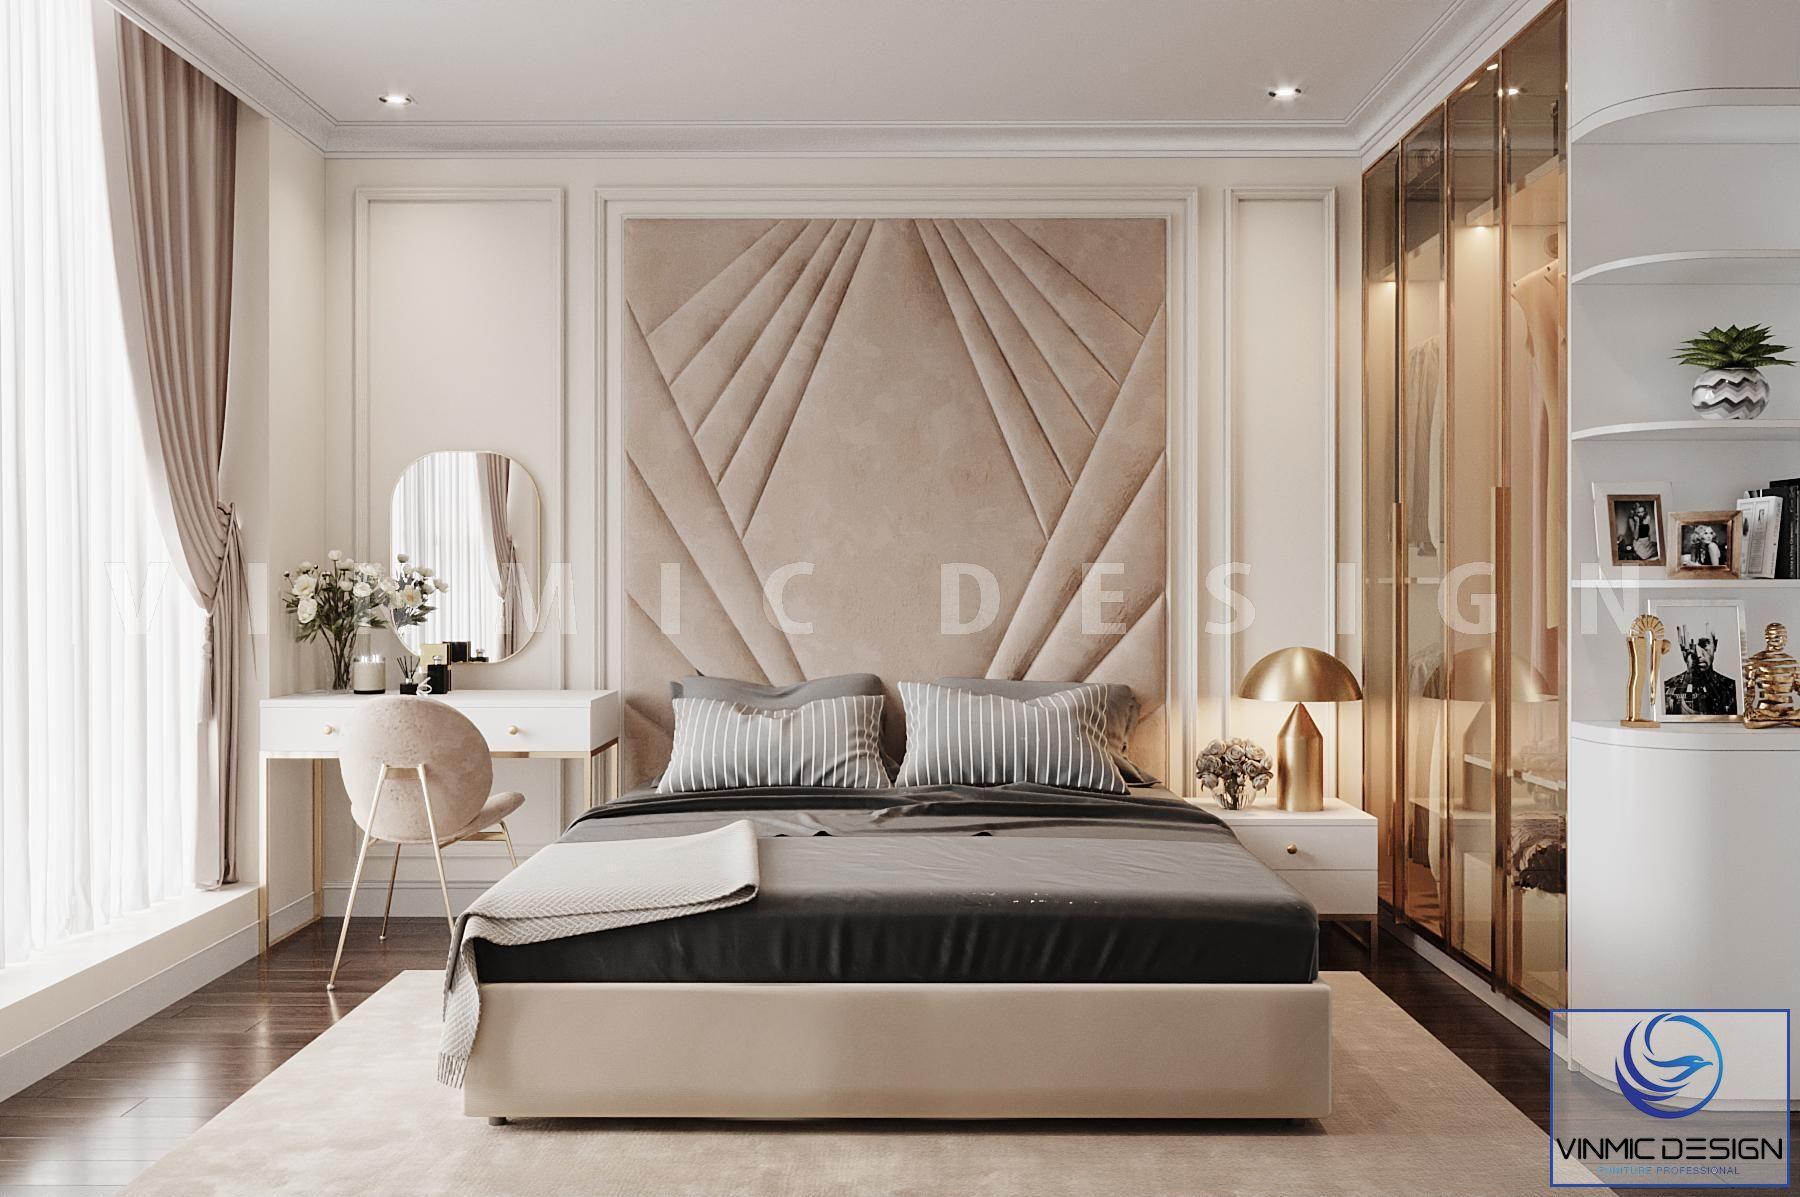 Thiết kế nội thất phong cách tân cổ điển với tone màu sang trọng, nổi bật với tủ quần áo đẹp